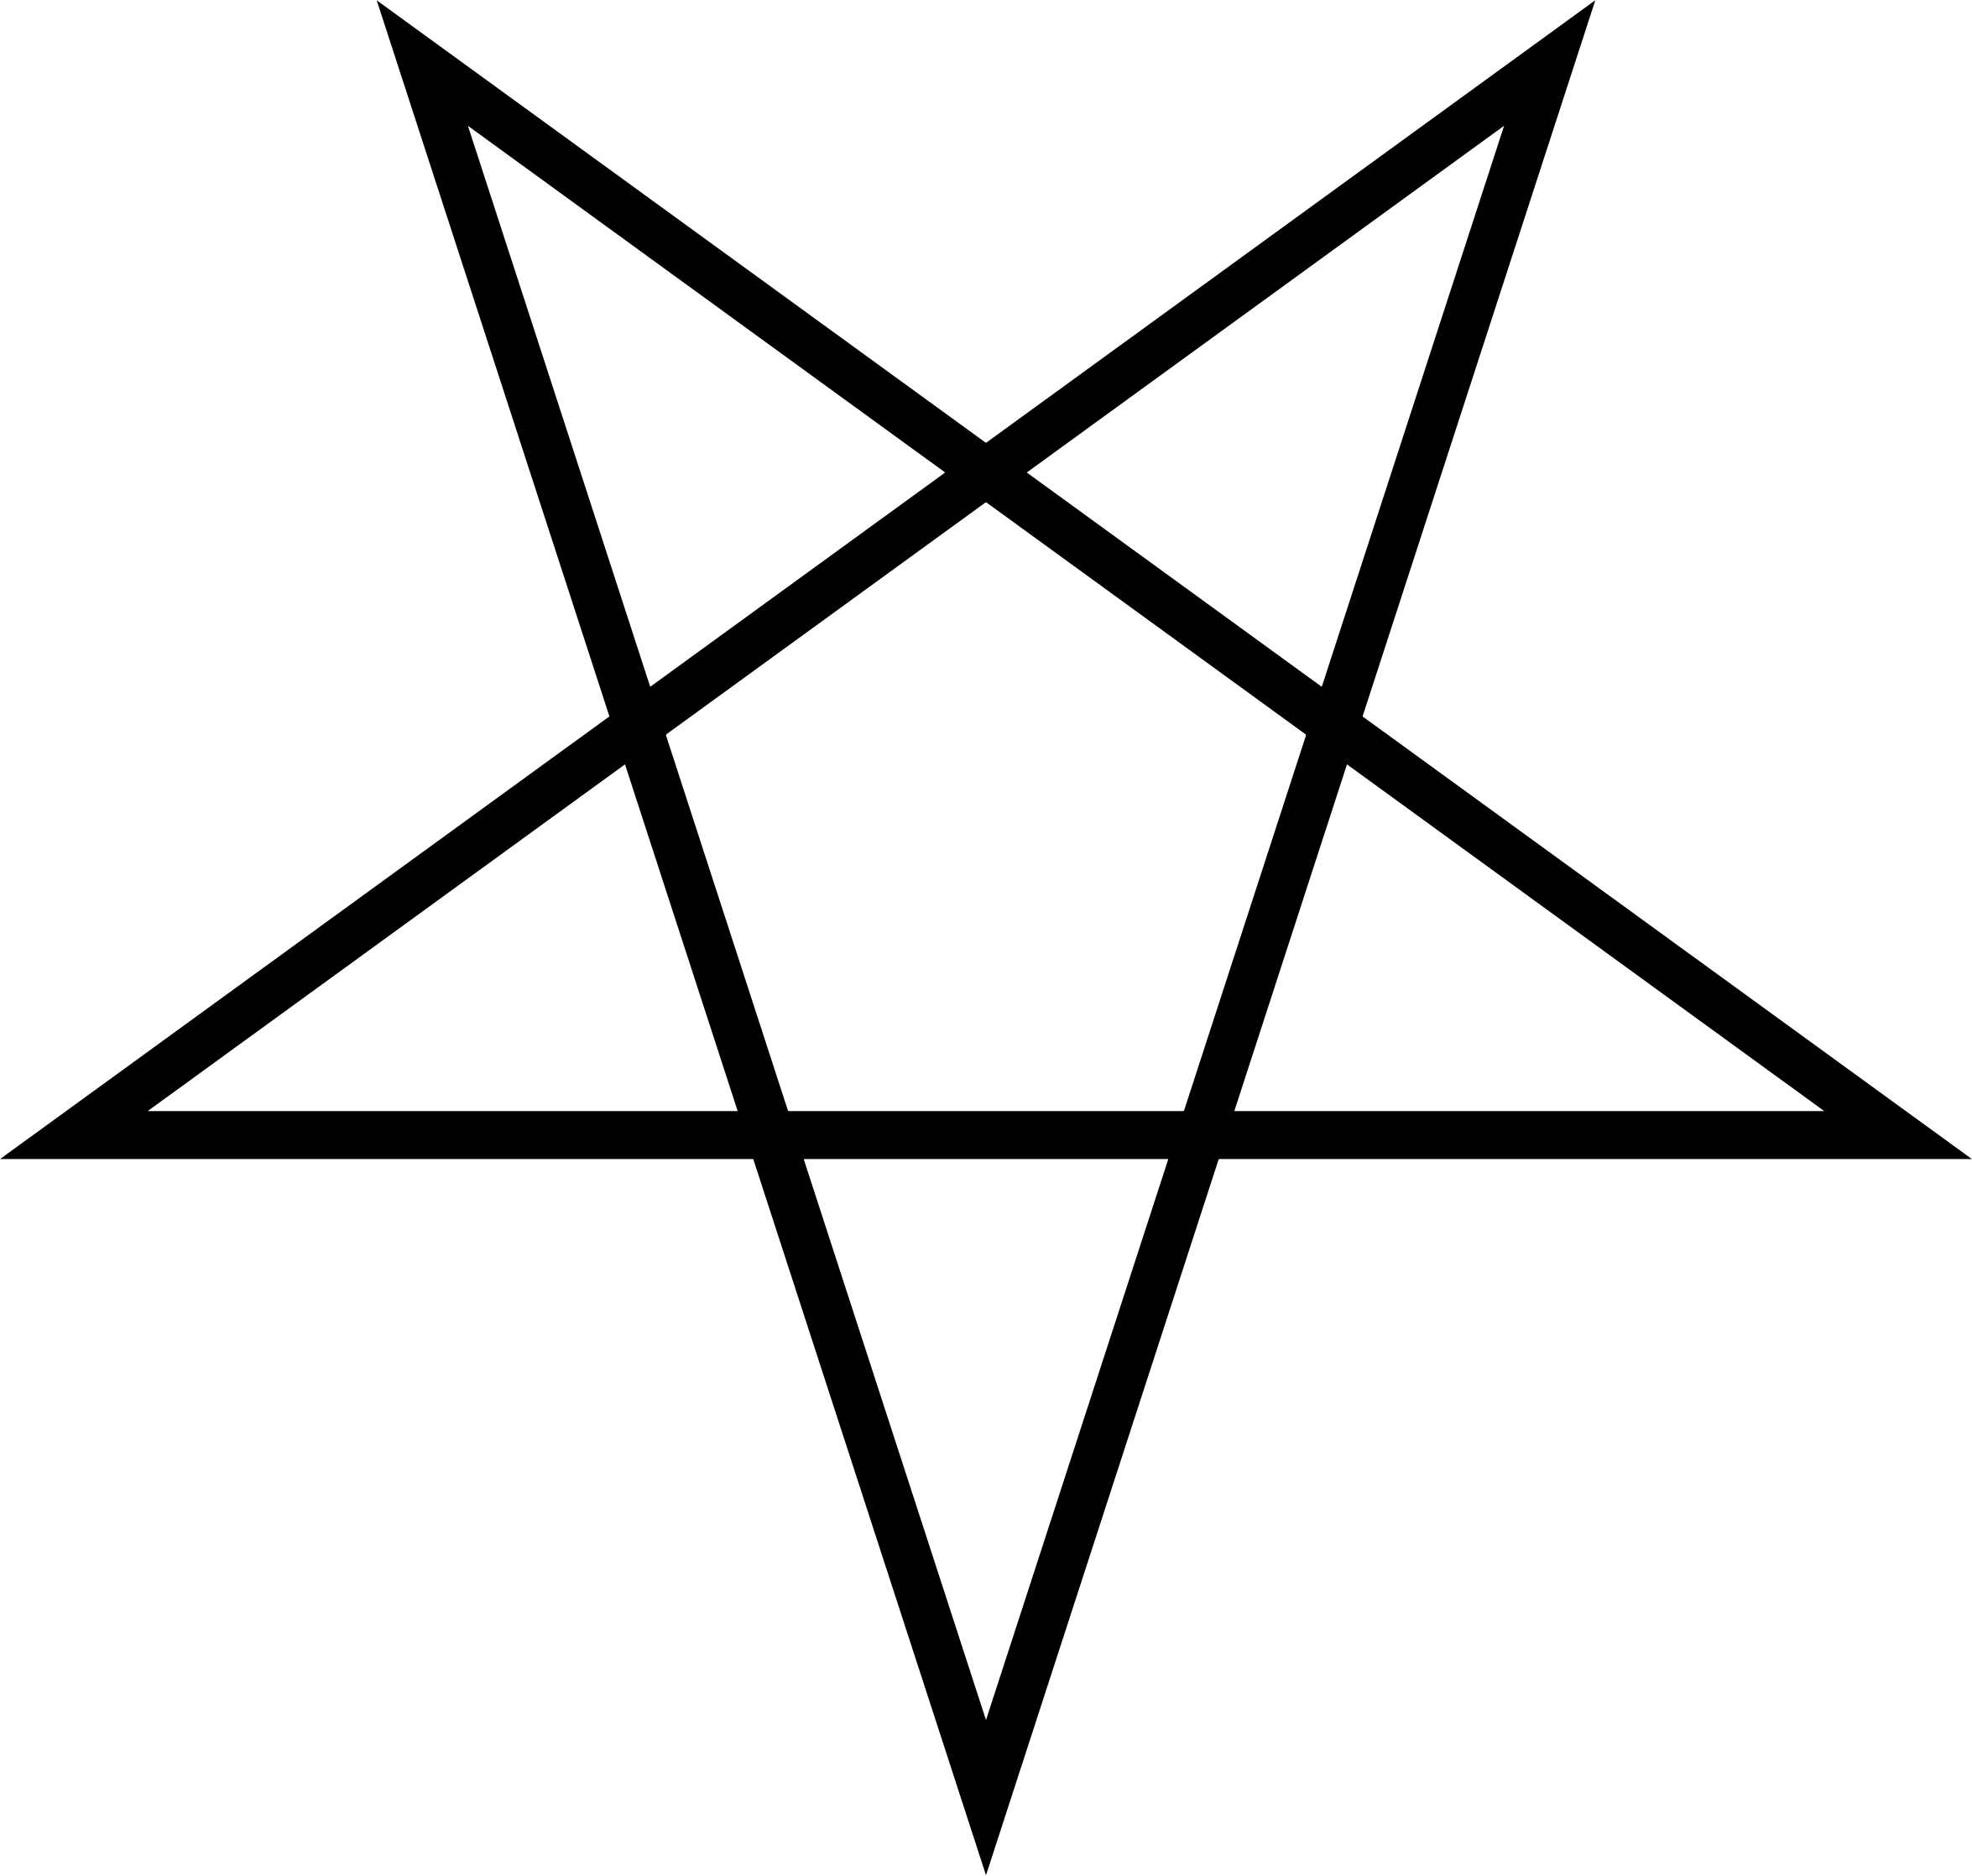 Grinch clipart upside down. Pentagram big image png